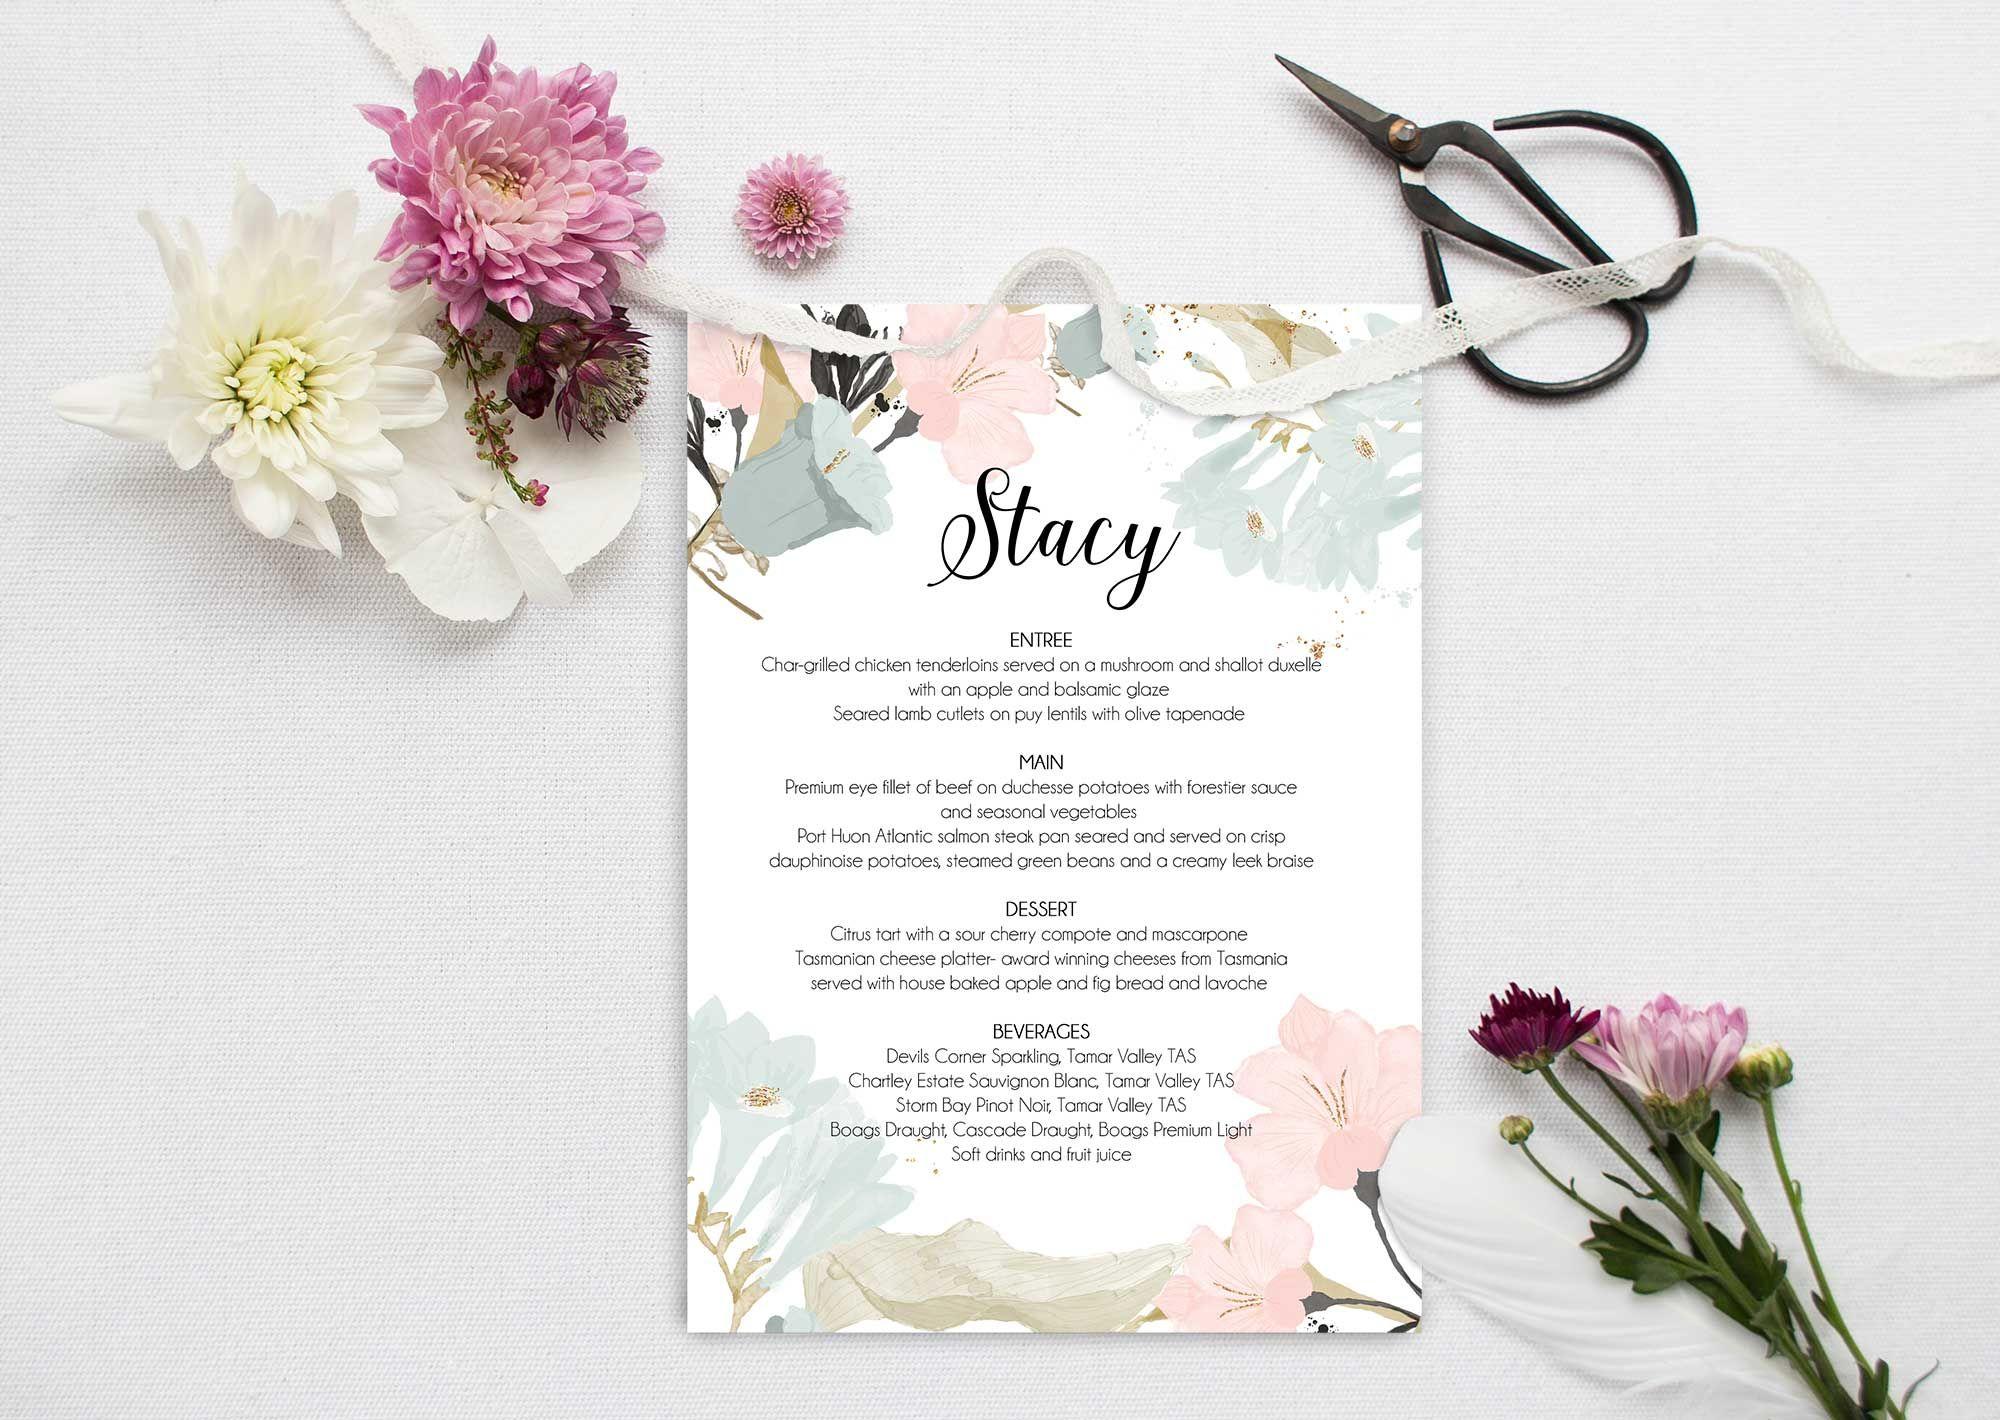 Floral Wedding Menu | My Wedding stationery by Emmy Designs ...